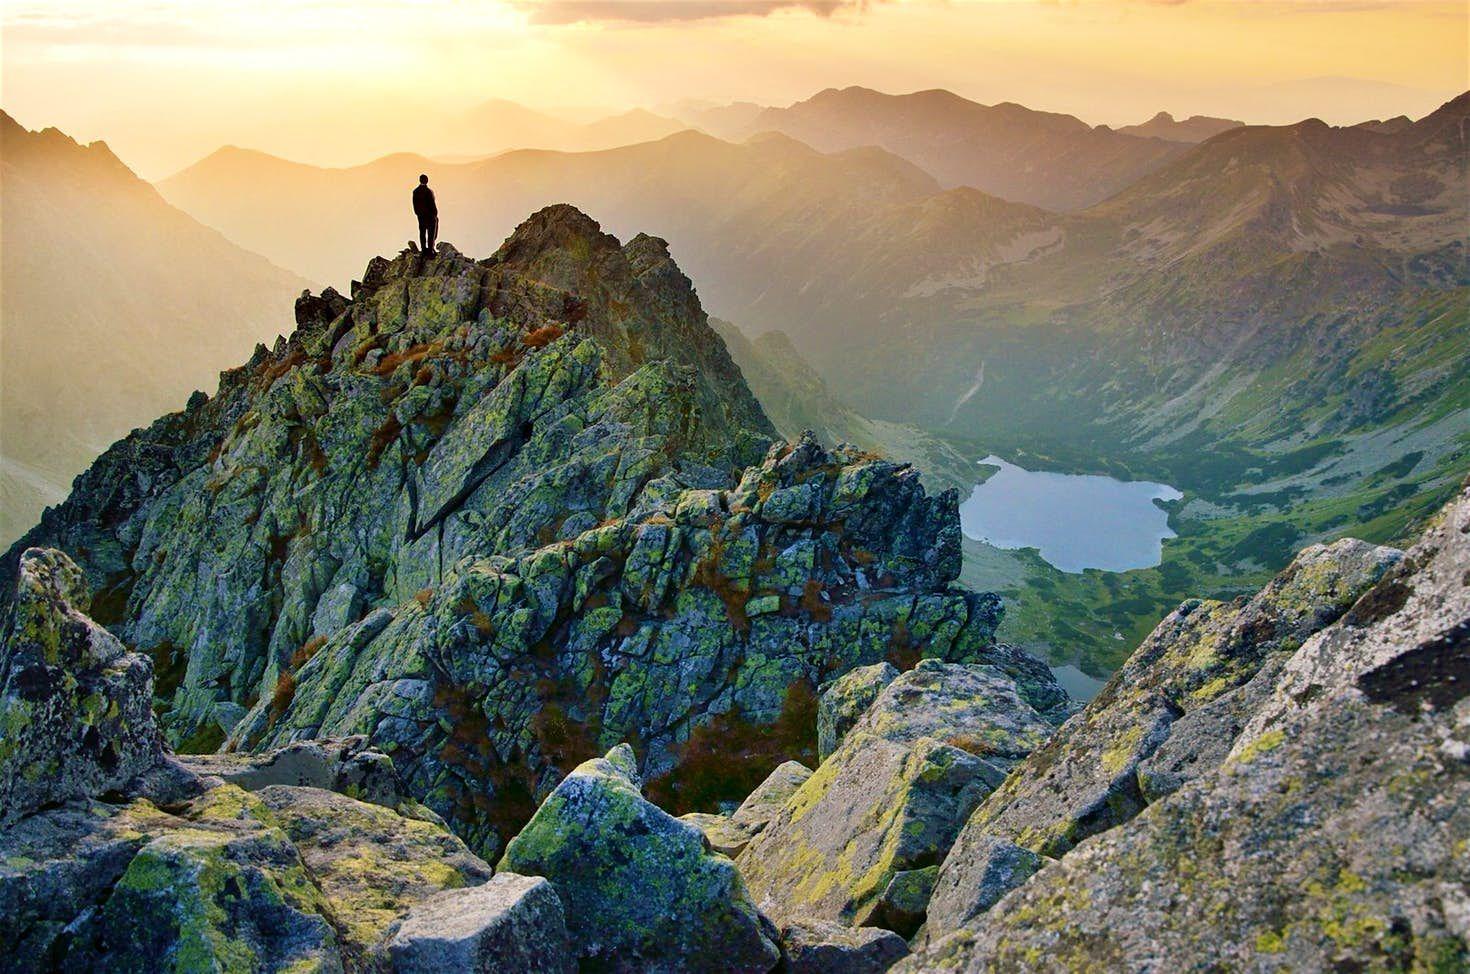 Visitate il parco nazionale degli Alti Tatra in Slovacchia che compie 70 anni